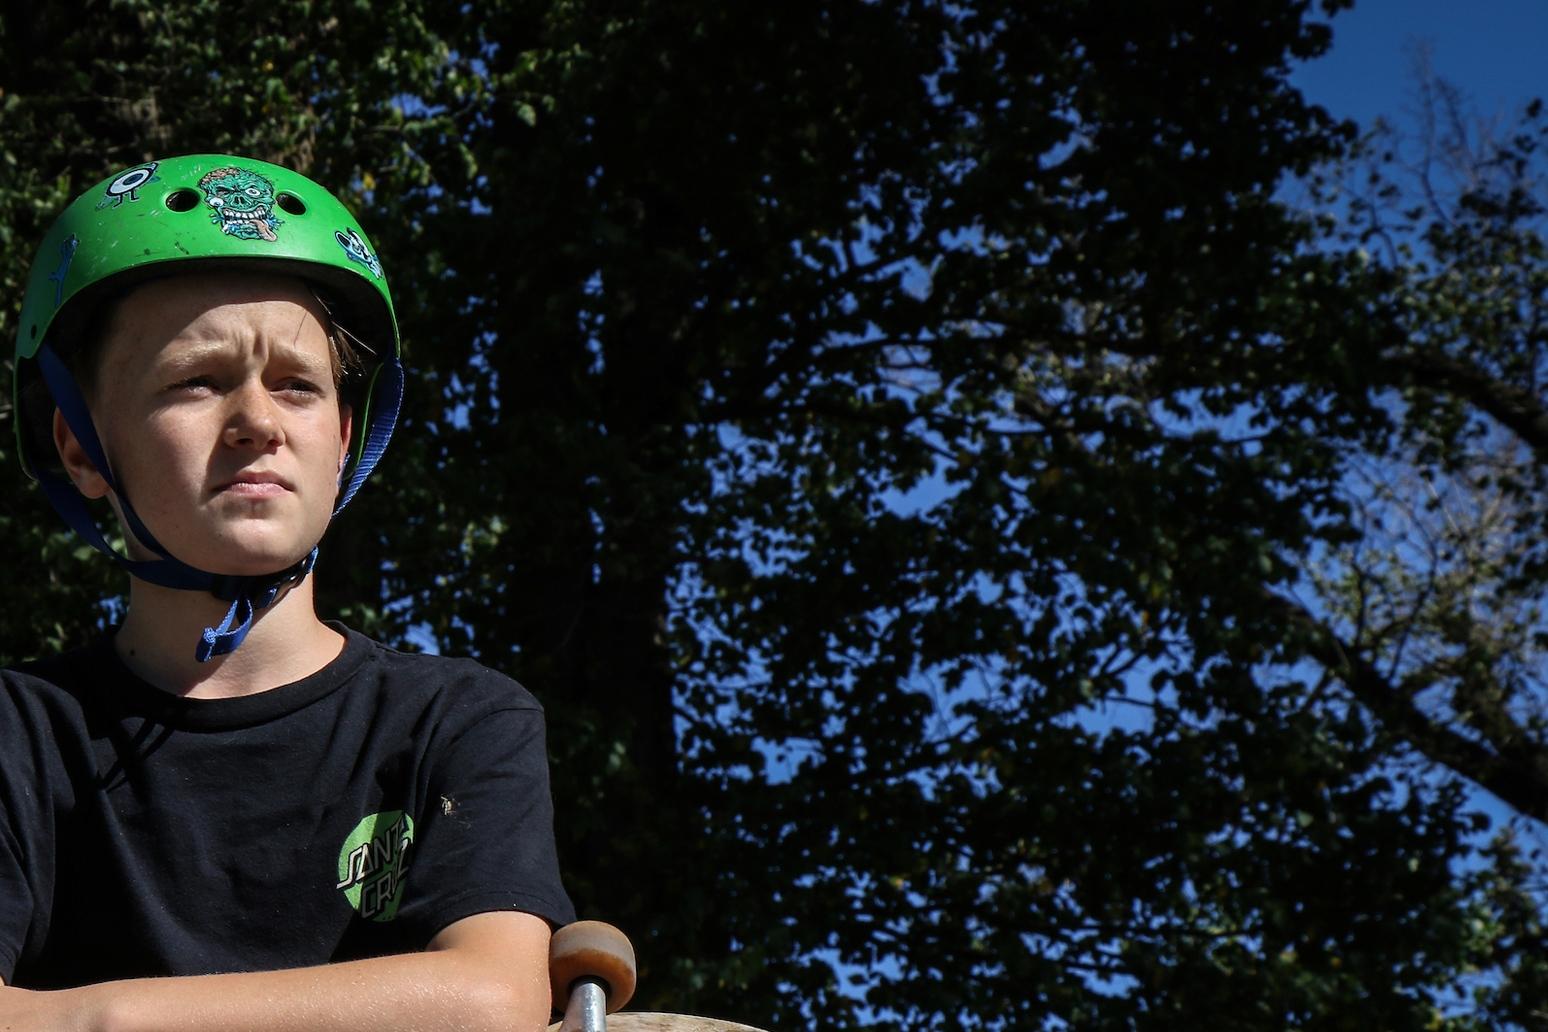 Boy wearing bike helmet in park